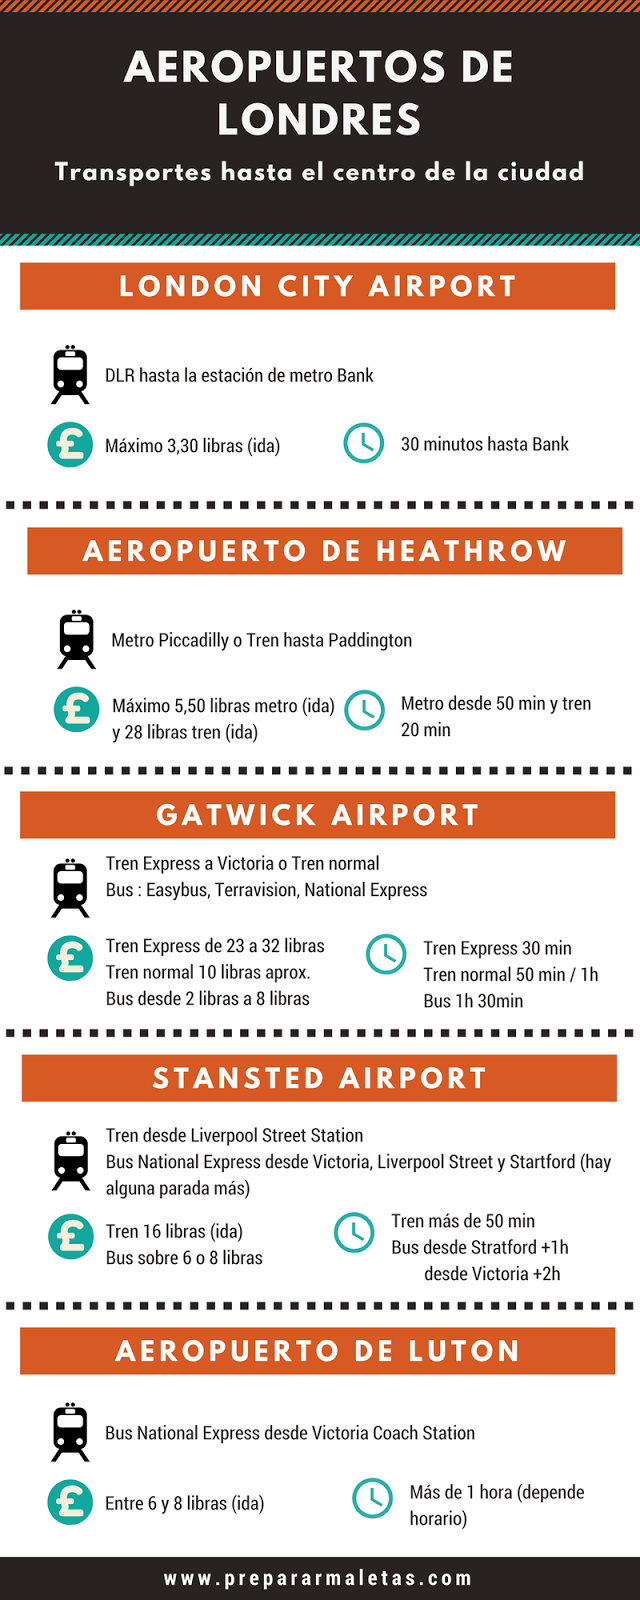 Aeropuertos de Londres, transporte al centro de la ciudad